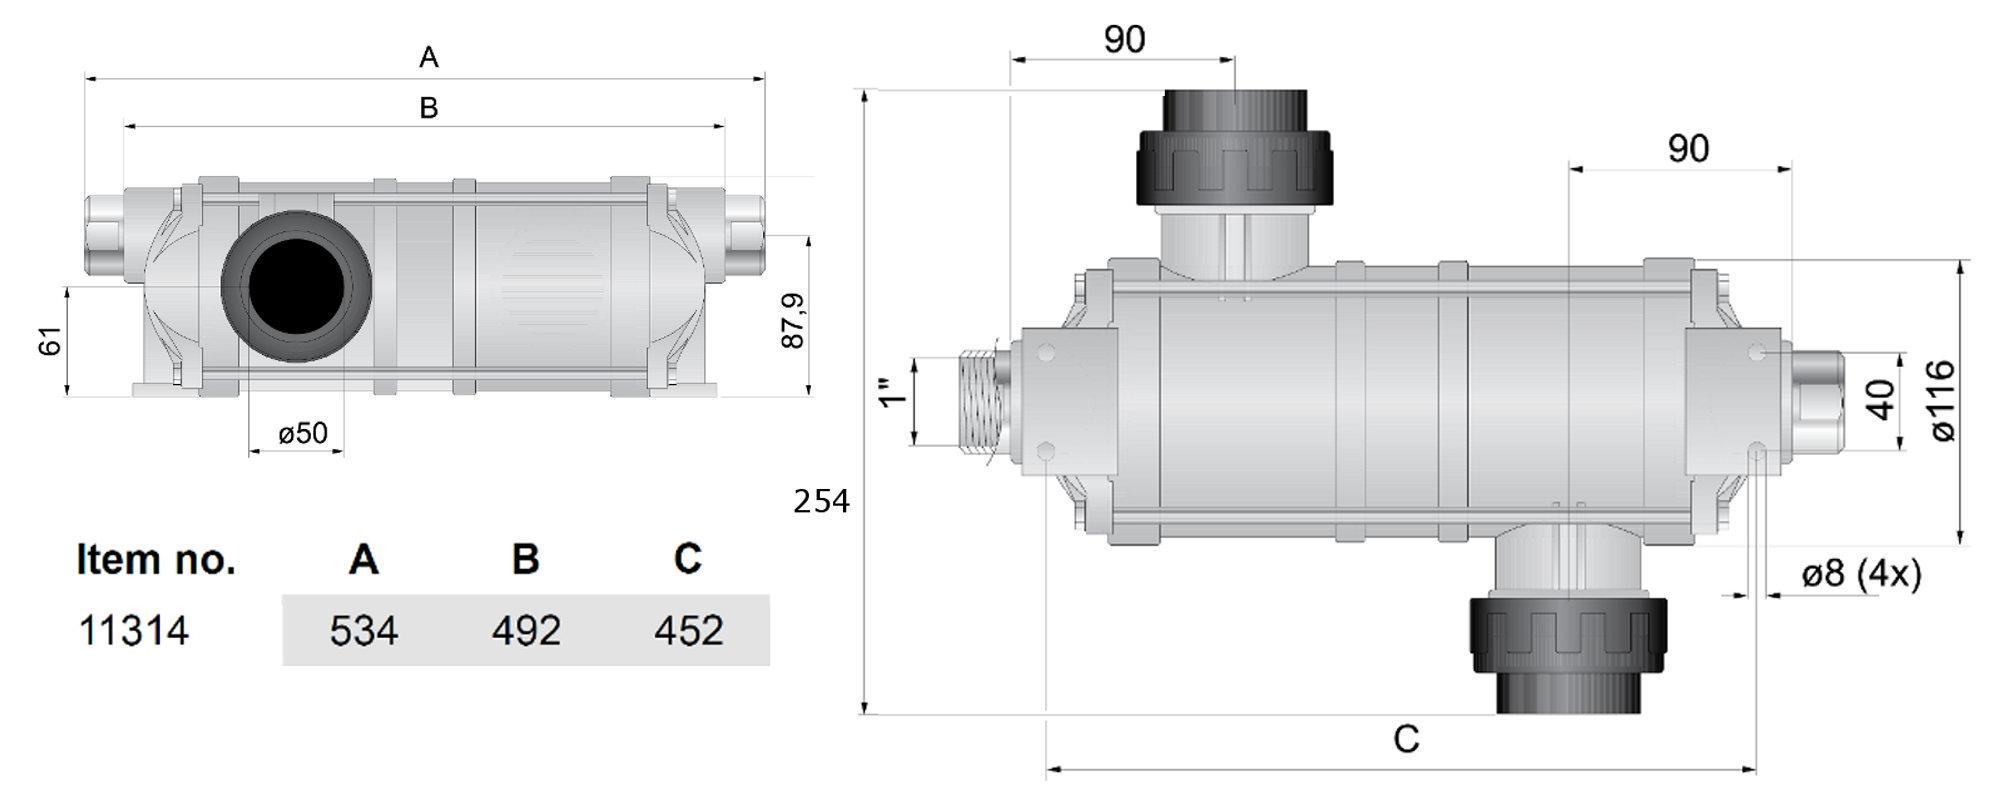 Теплообменники воды с терморегулятором кирасир 20 с теплообменником